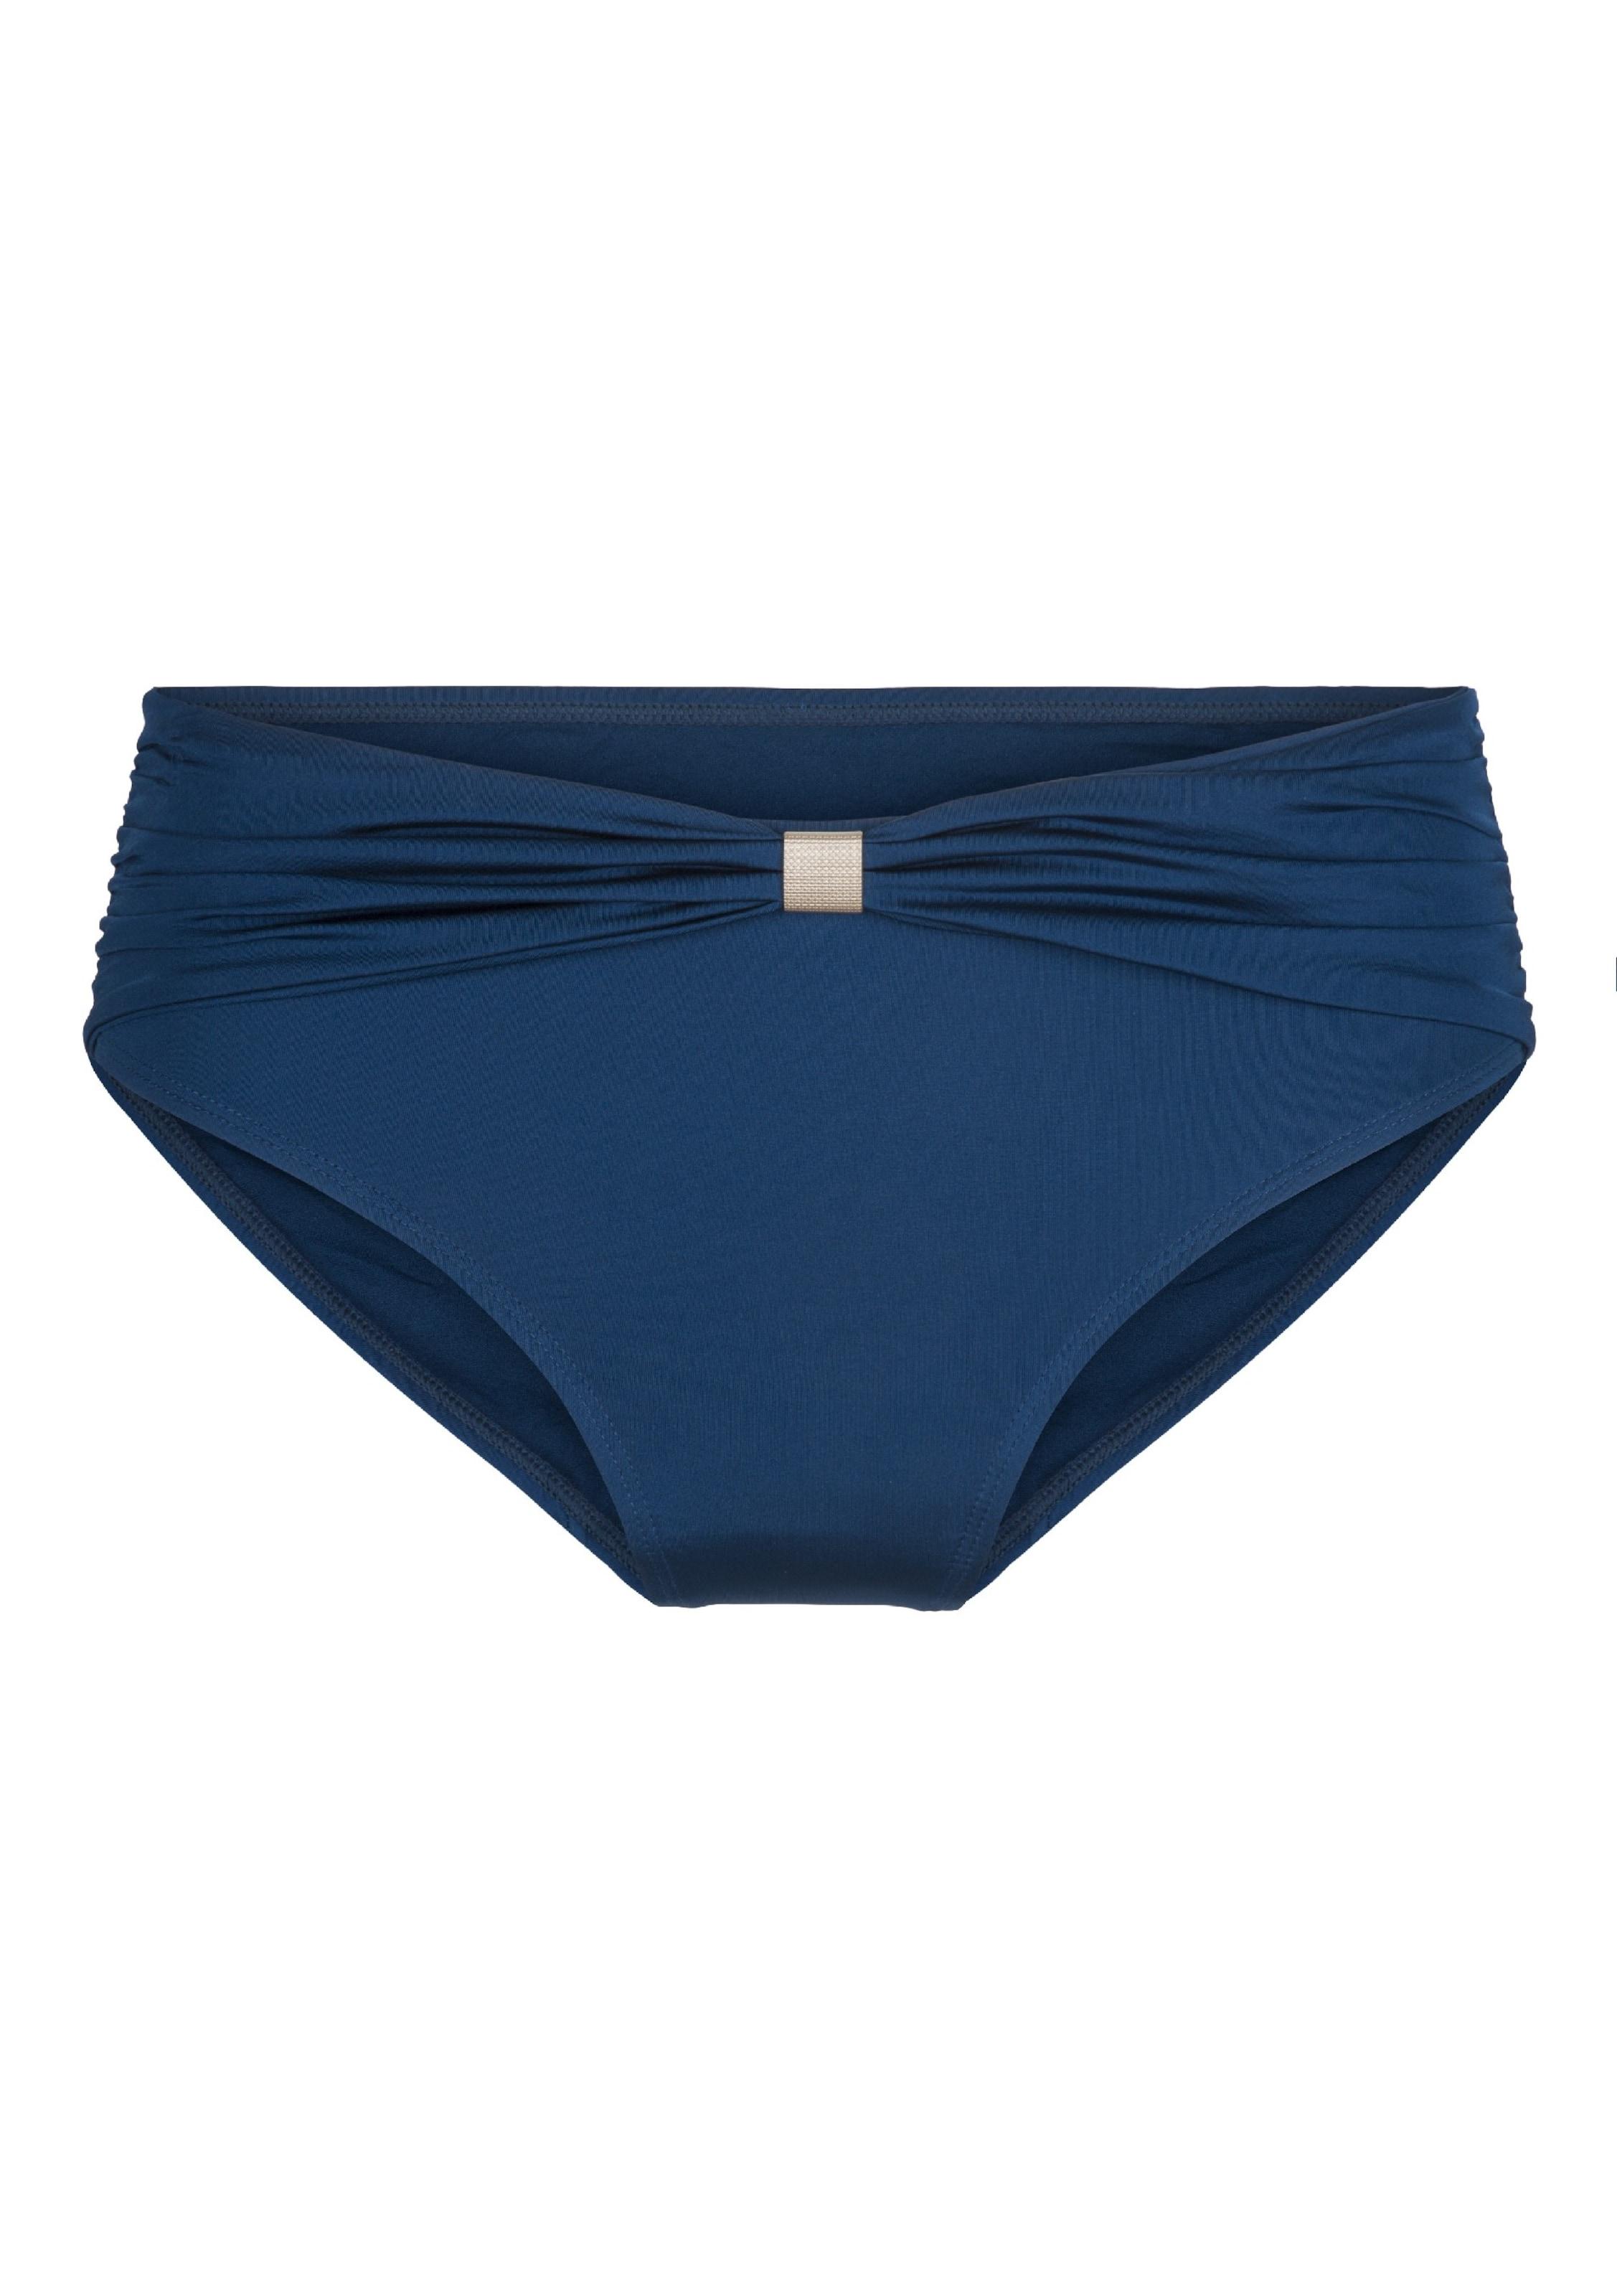 'dakota' Bikini Foncé Bas De En Bleu Lingadore gy76bf